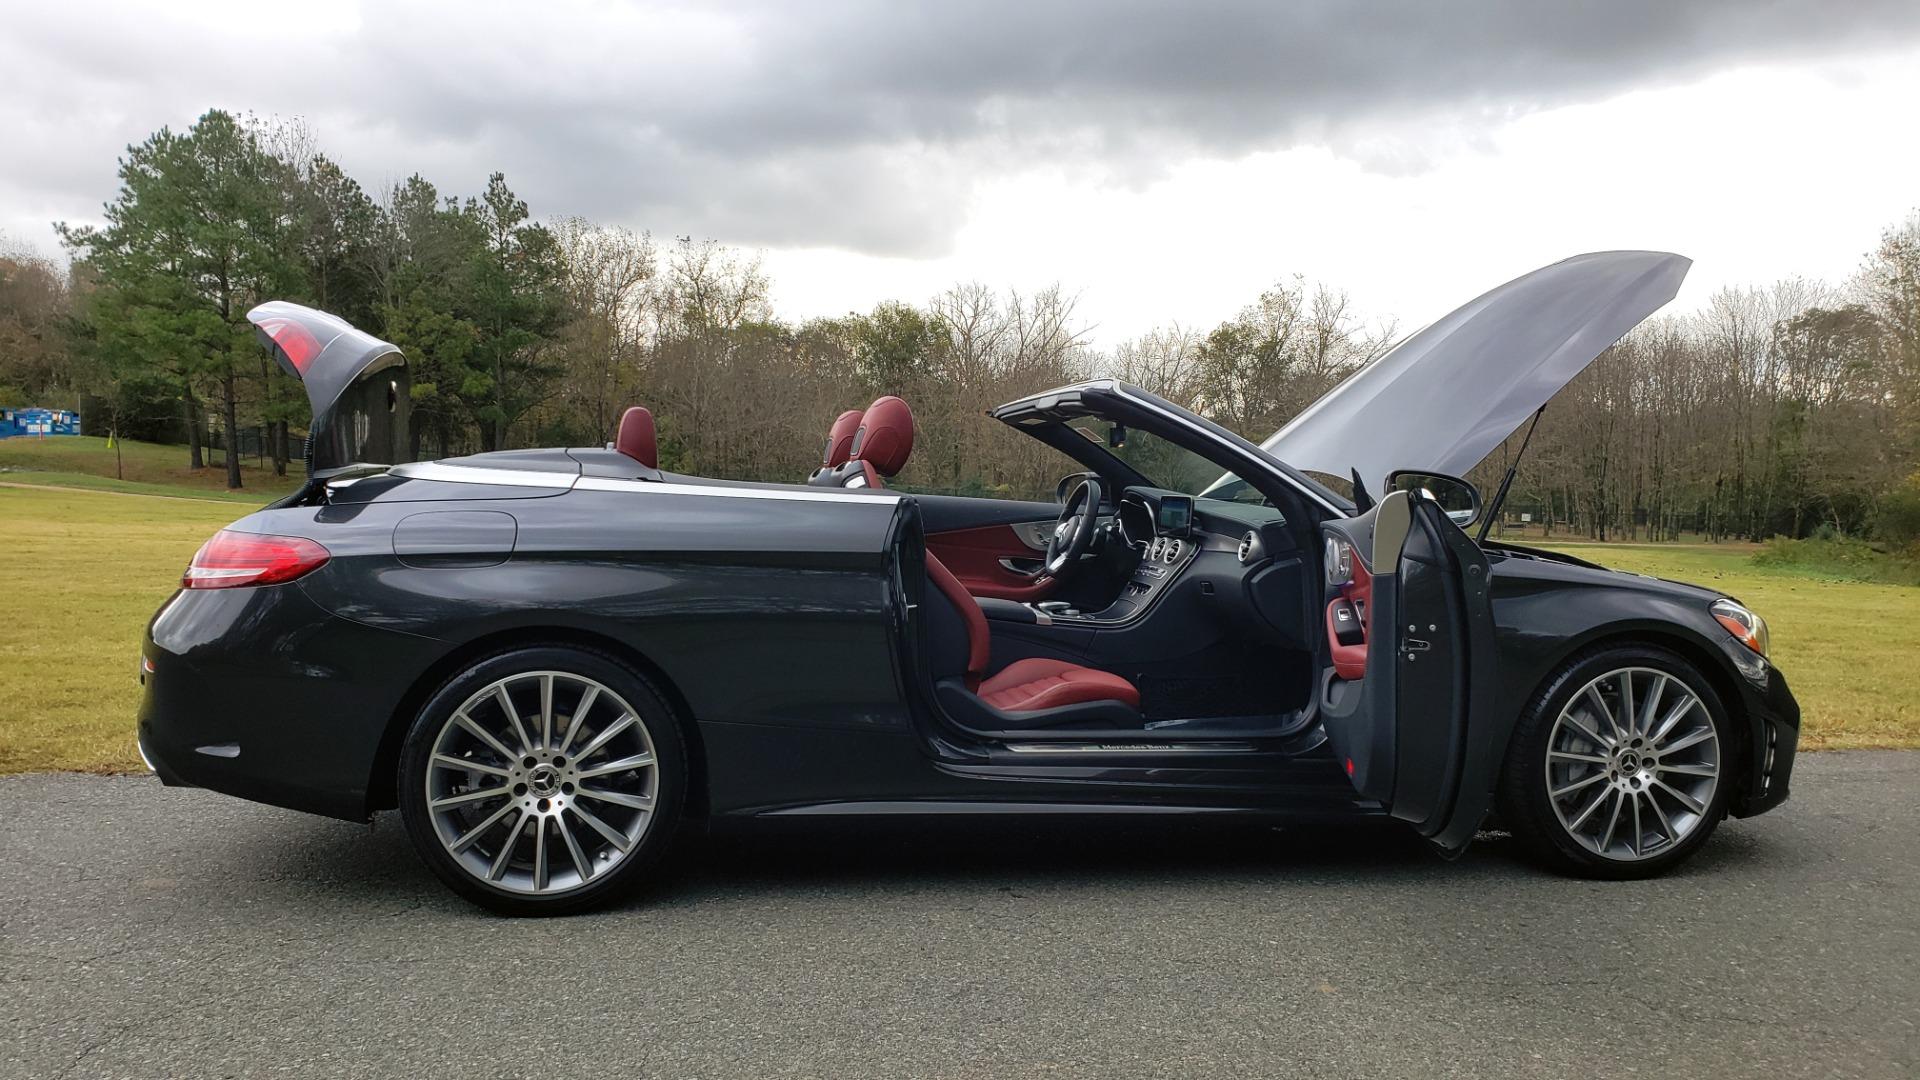 Used 2019 Mercedes-Benz C-CLASS C 300 CABRIOLET / PREM PKG / NAV / BURMESTER / MULTIMEDIA for sale $49,995 at Formula Imports in Charlotte NC 28227 59